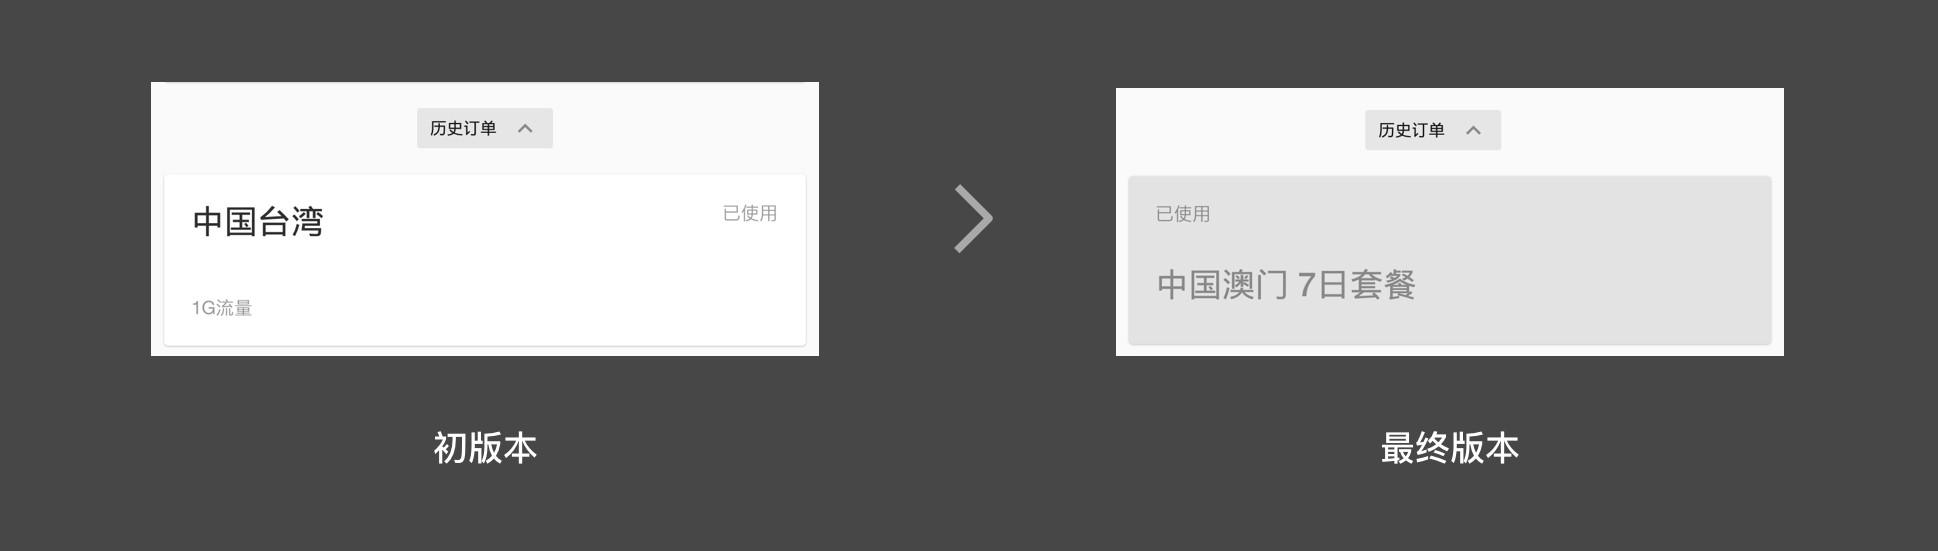 改进12.jpg